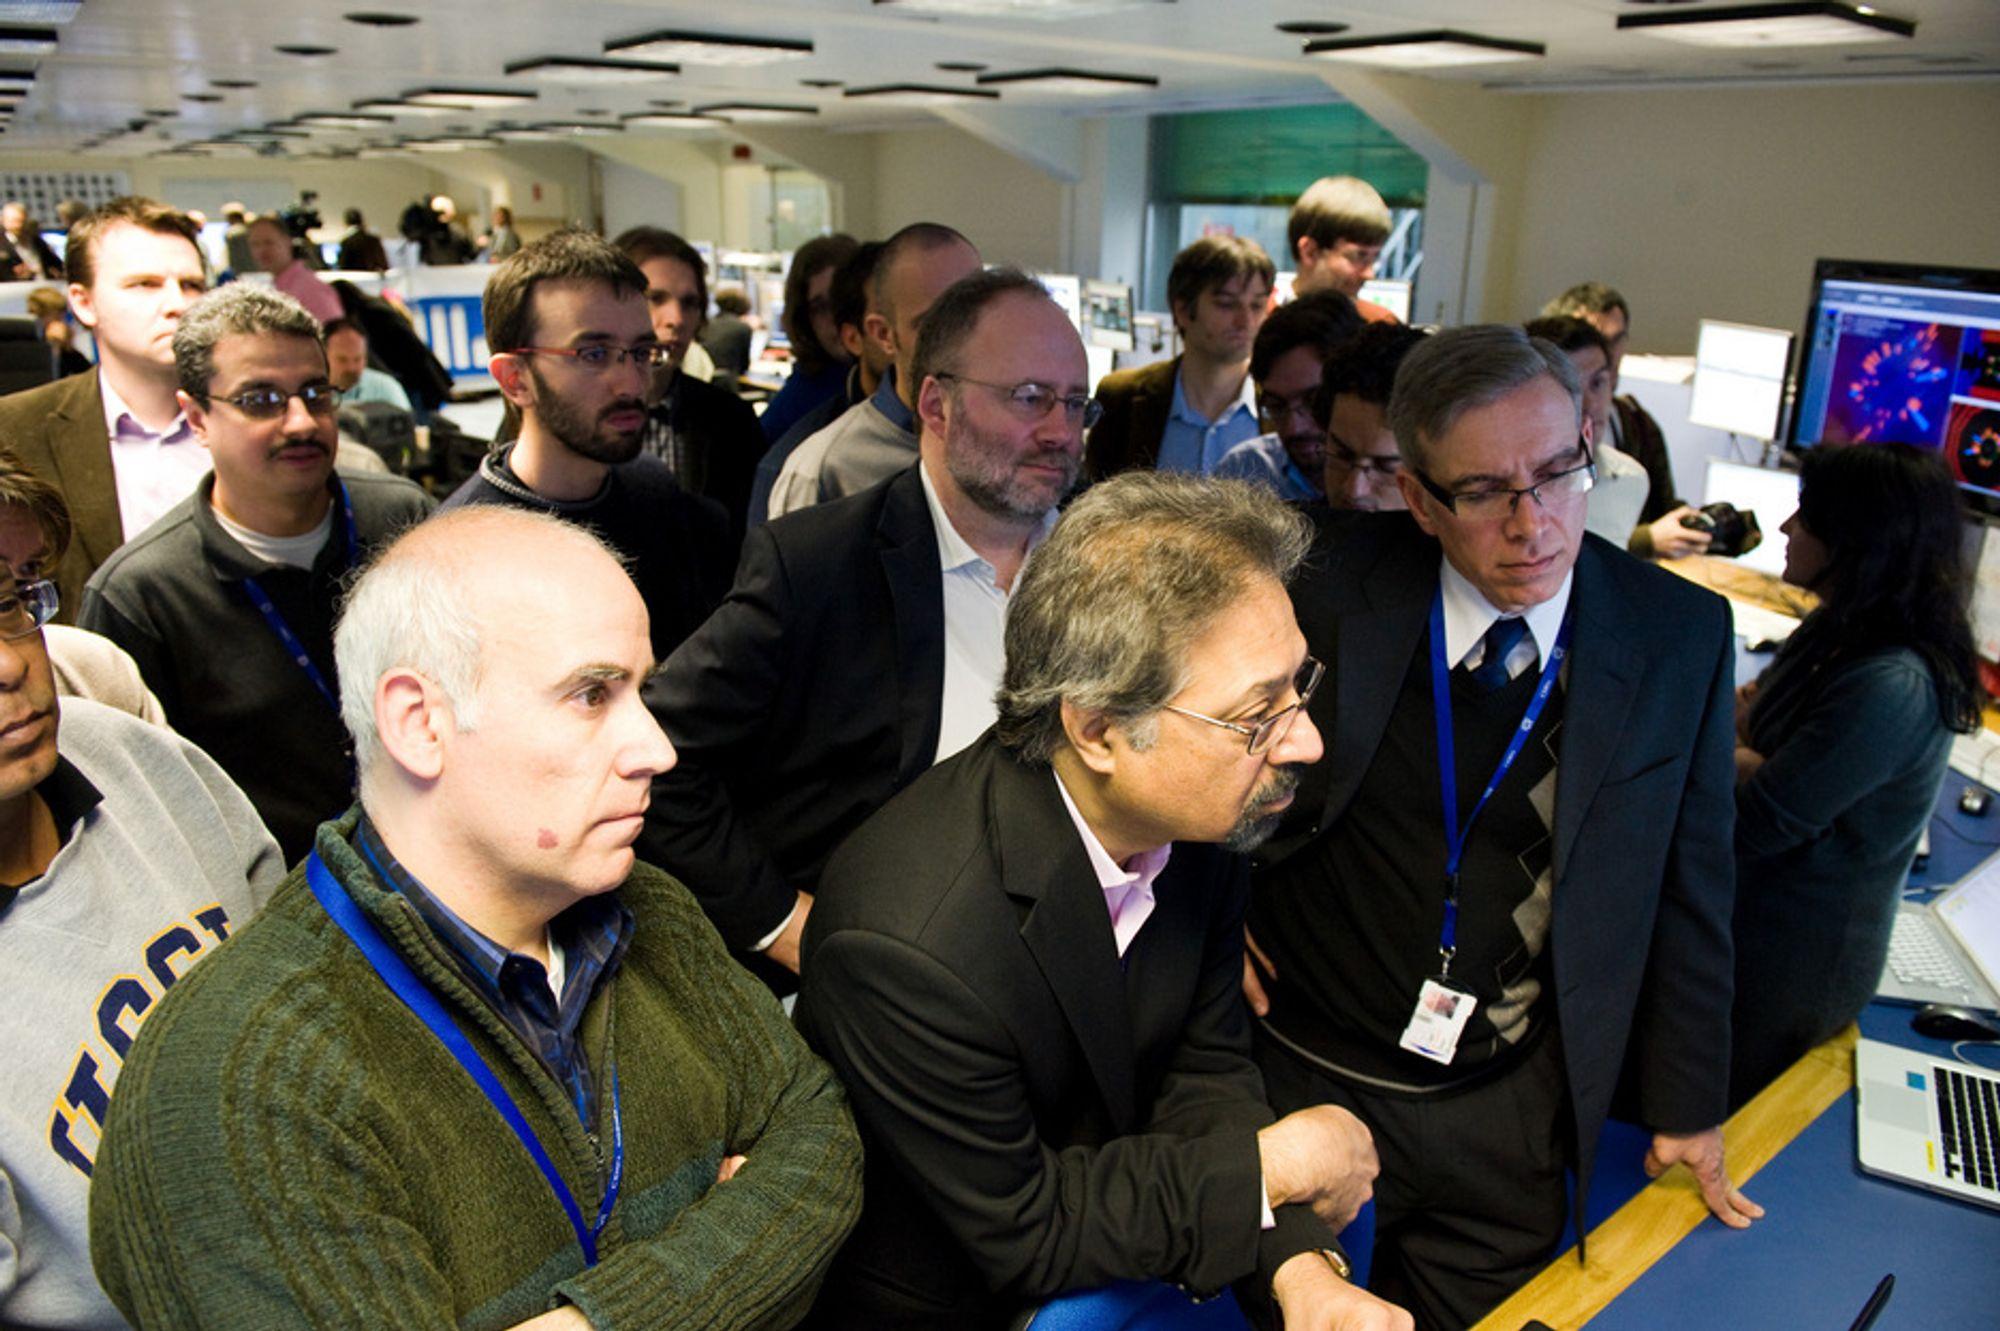 Stor spenning i CERNs lokaler før partikkelstrålene kolliderte tirsdag formiddag. Nå håper man på at dataene som skal produseres i løpet av de neste to årene vil gi svarene på mange av de store spørsmålene i fysikken.